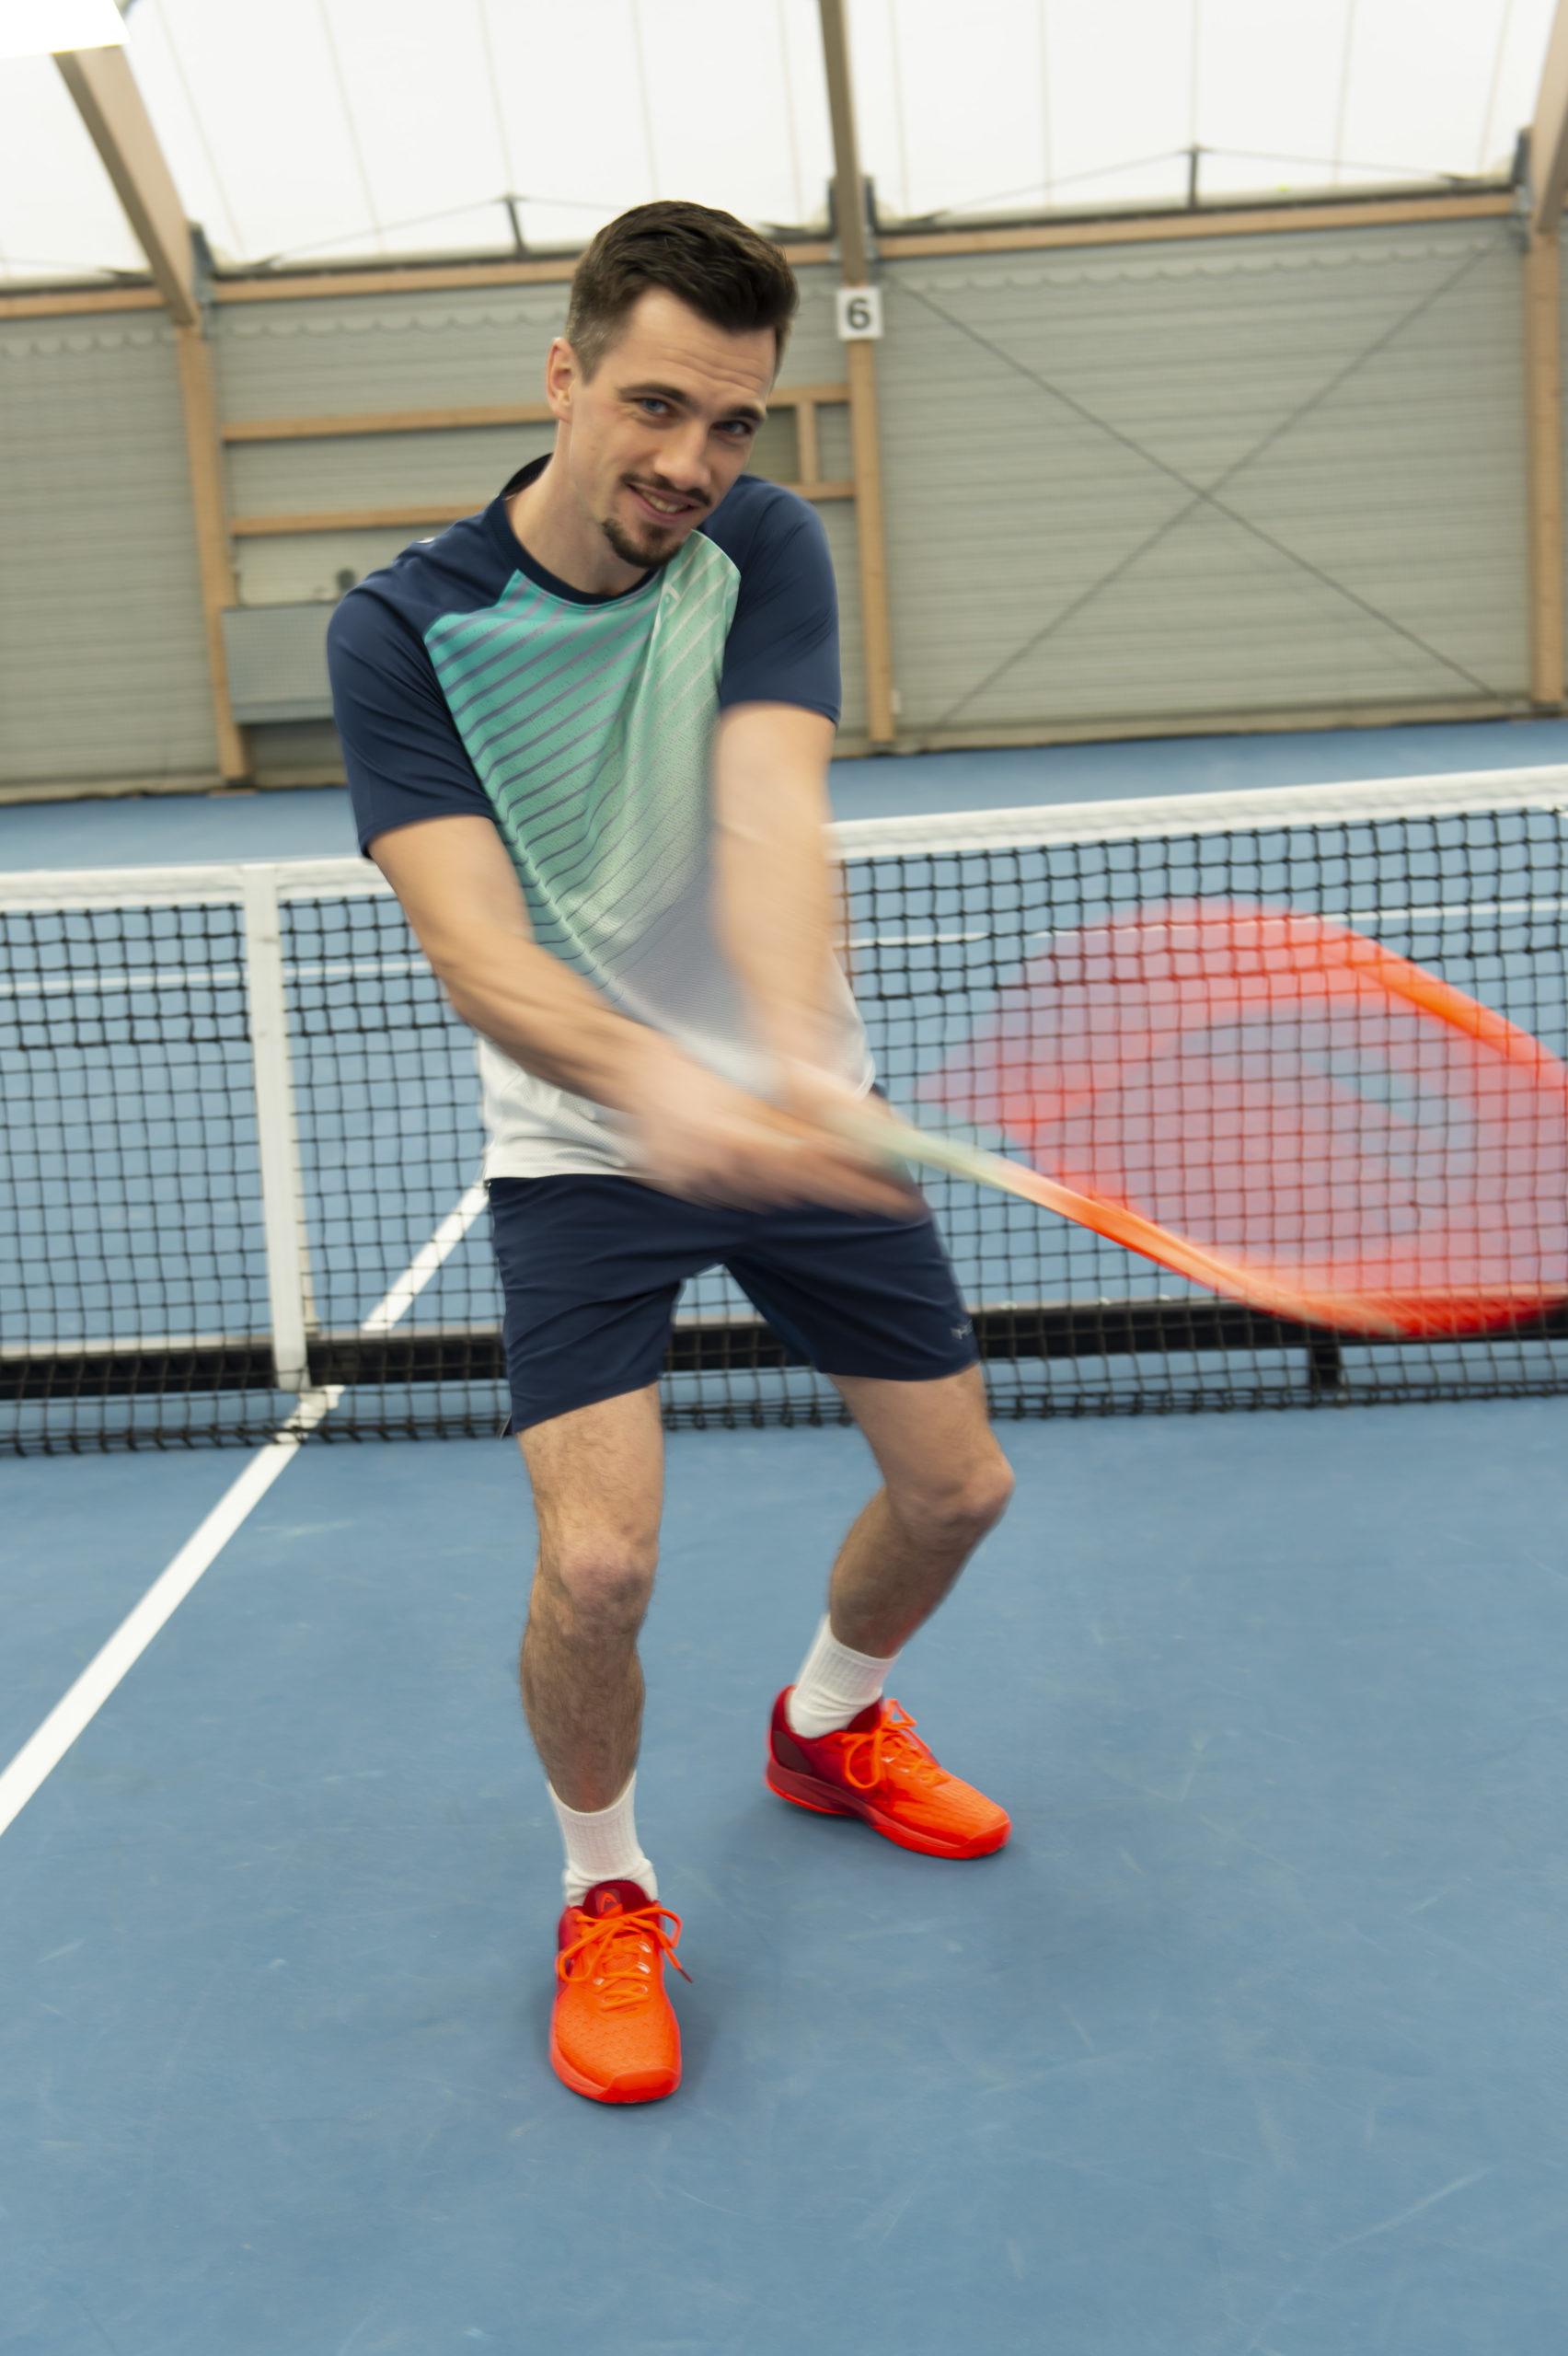 HEAD Shop - Tennis Club Augsburg